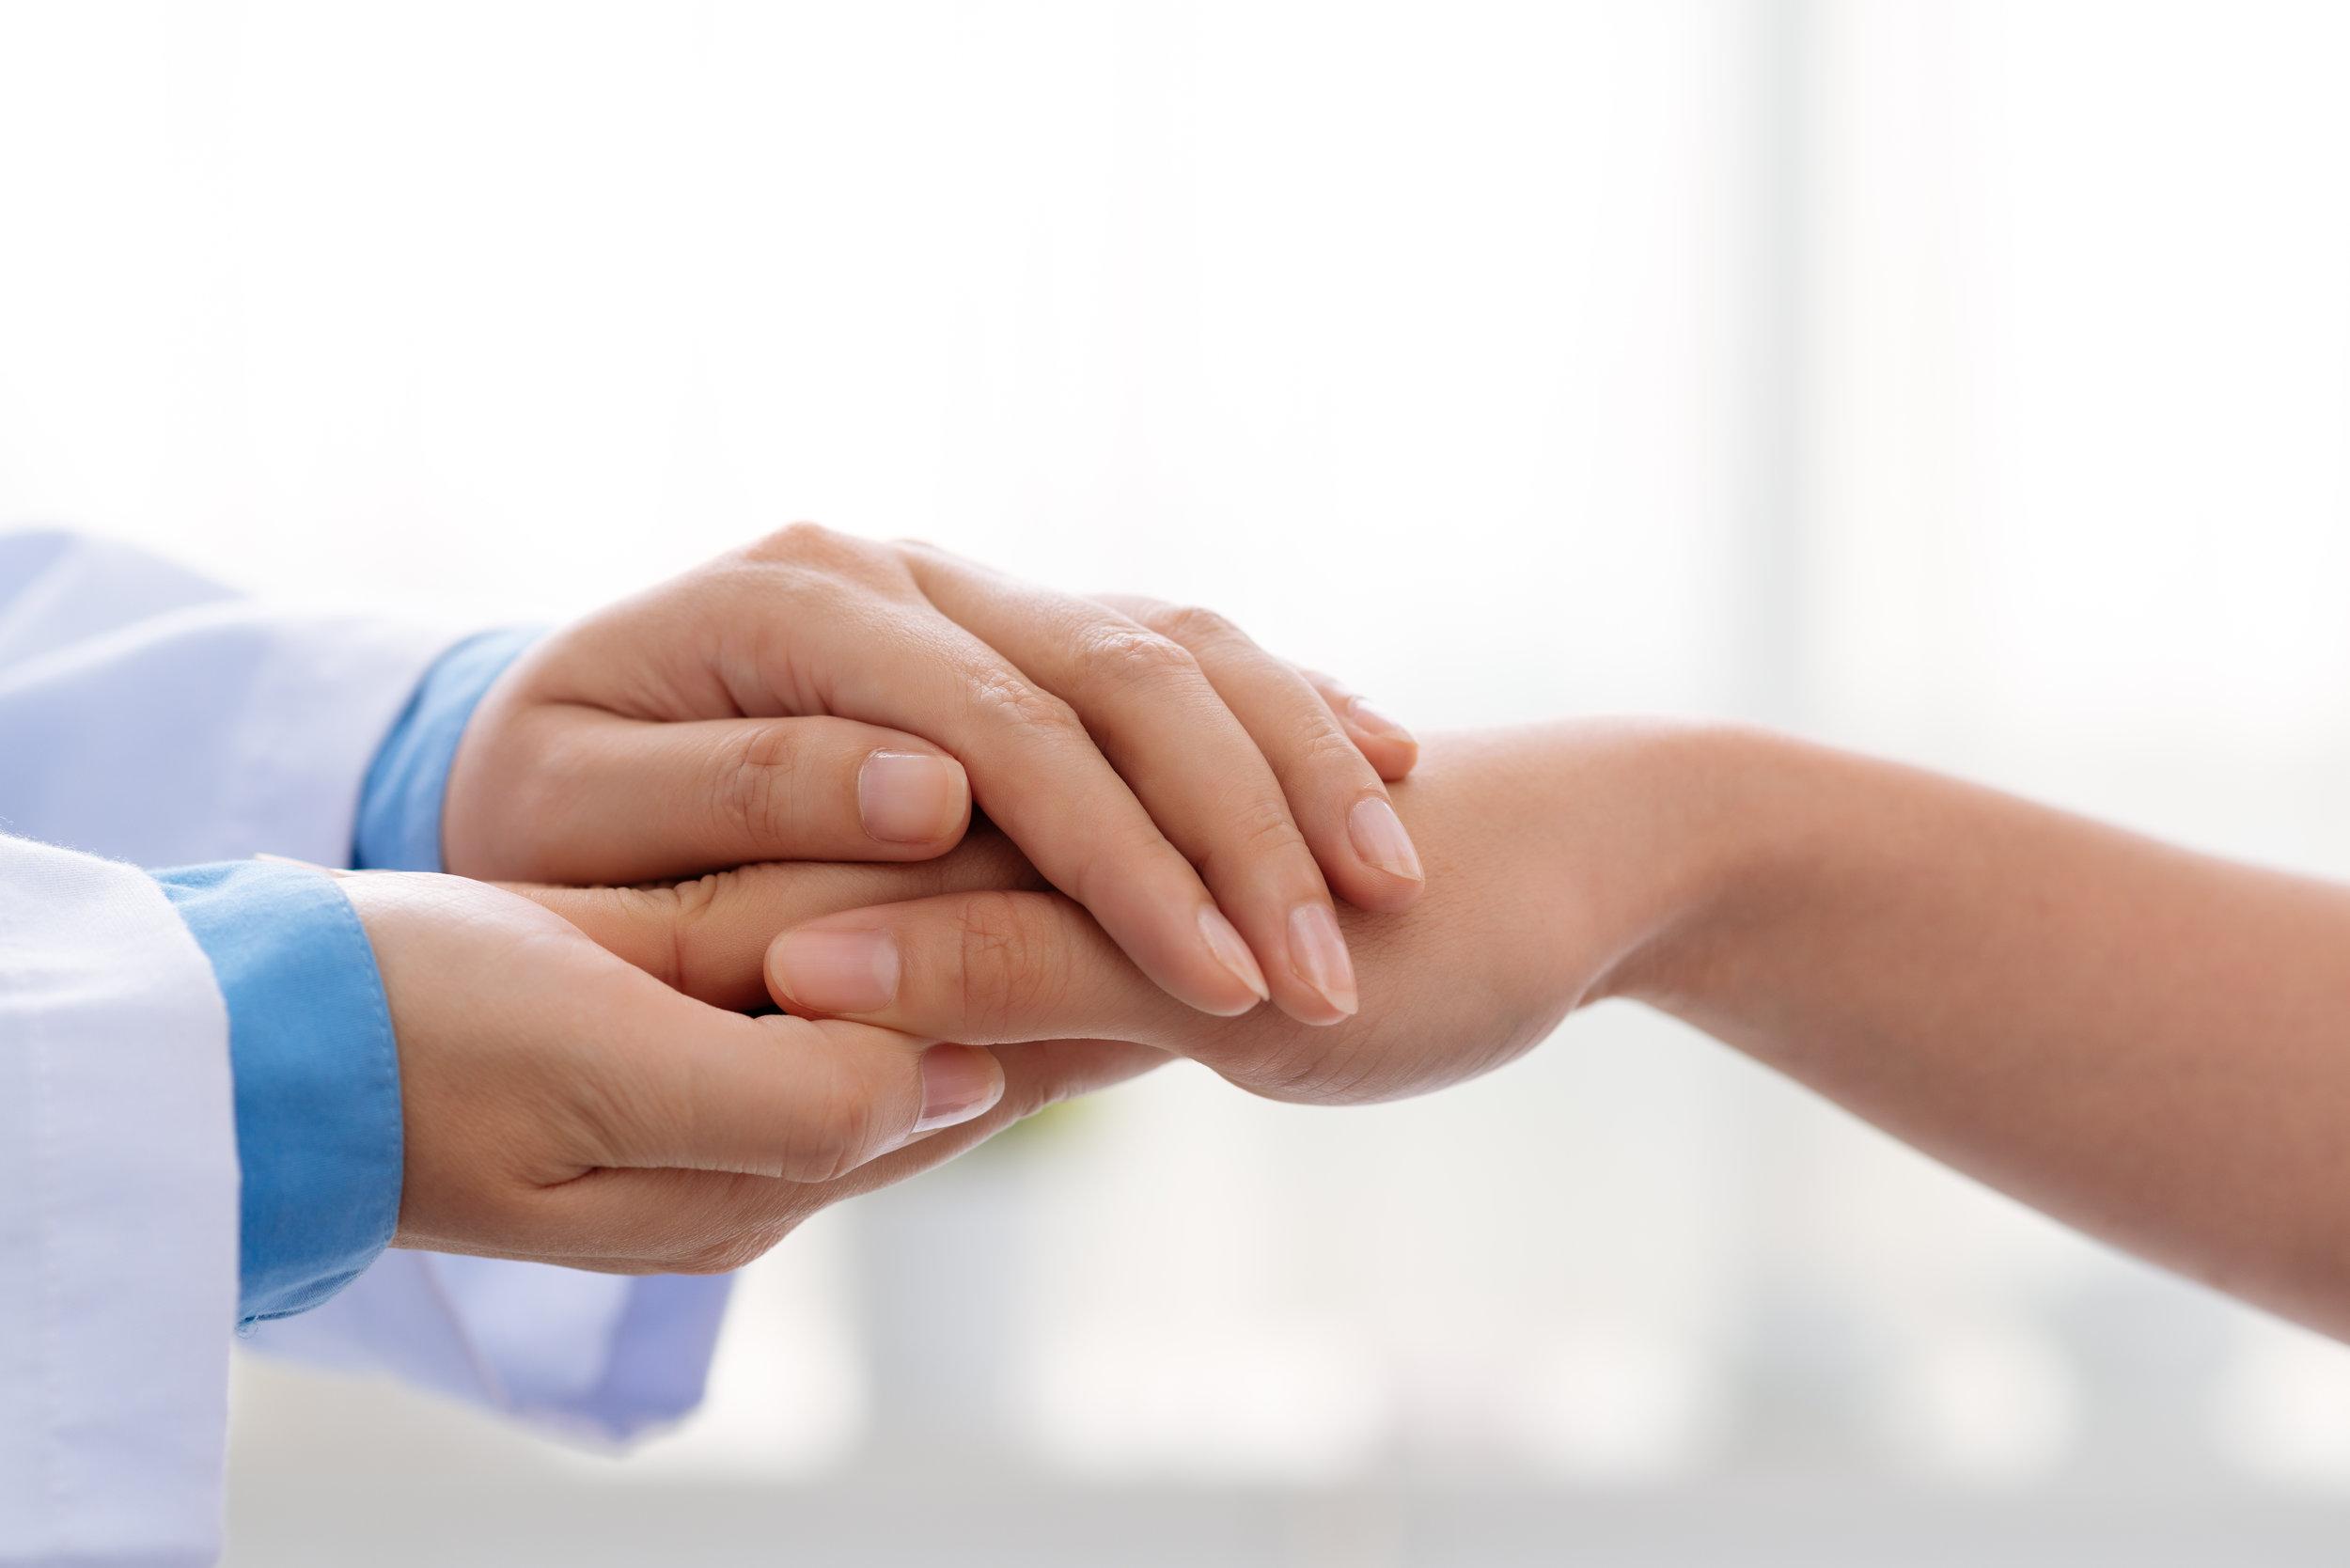 doctor hands reassuring